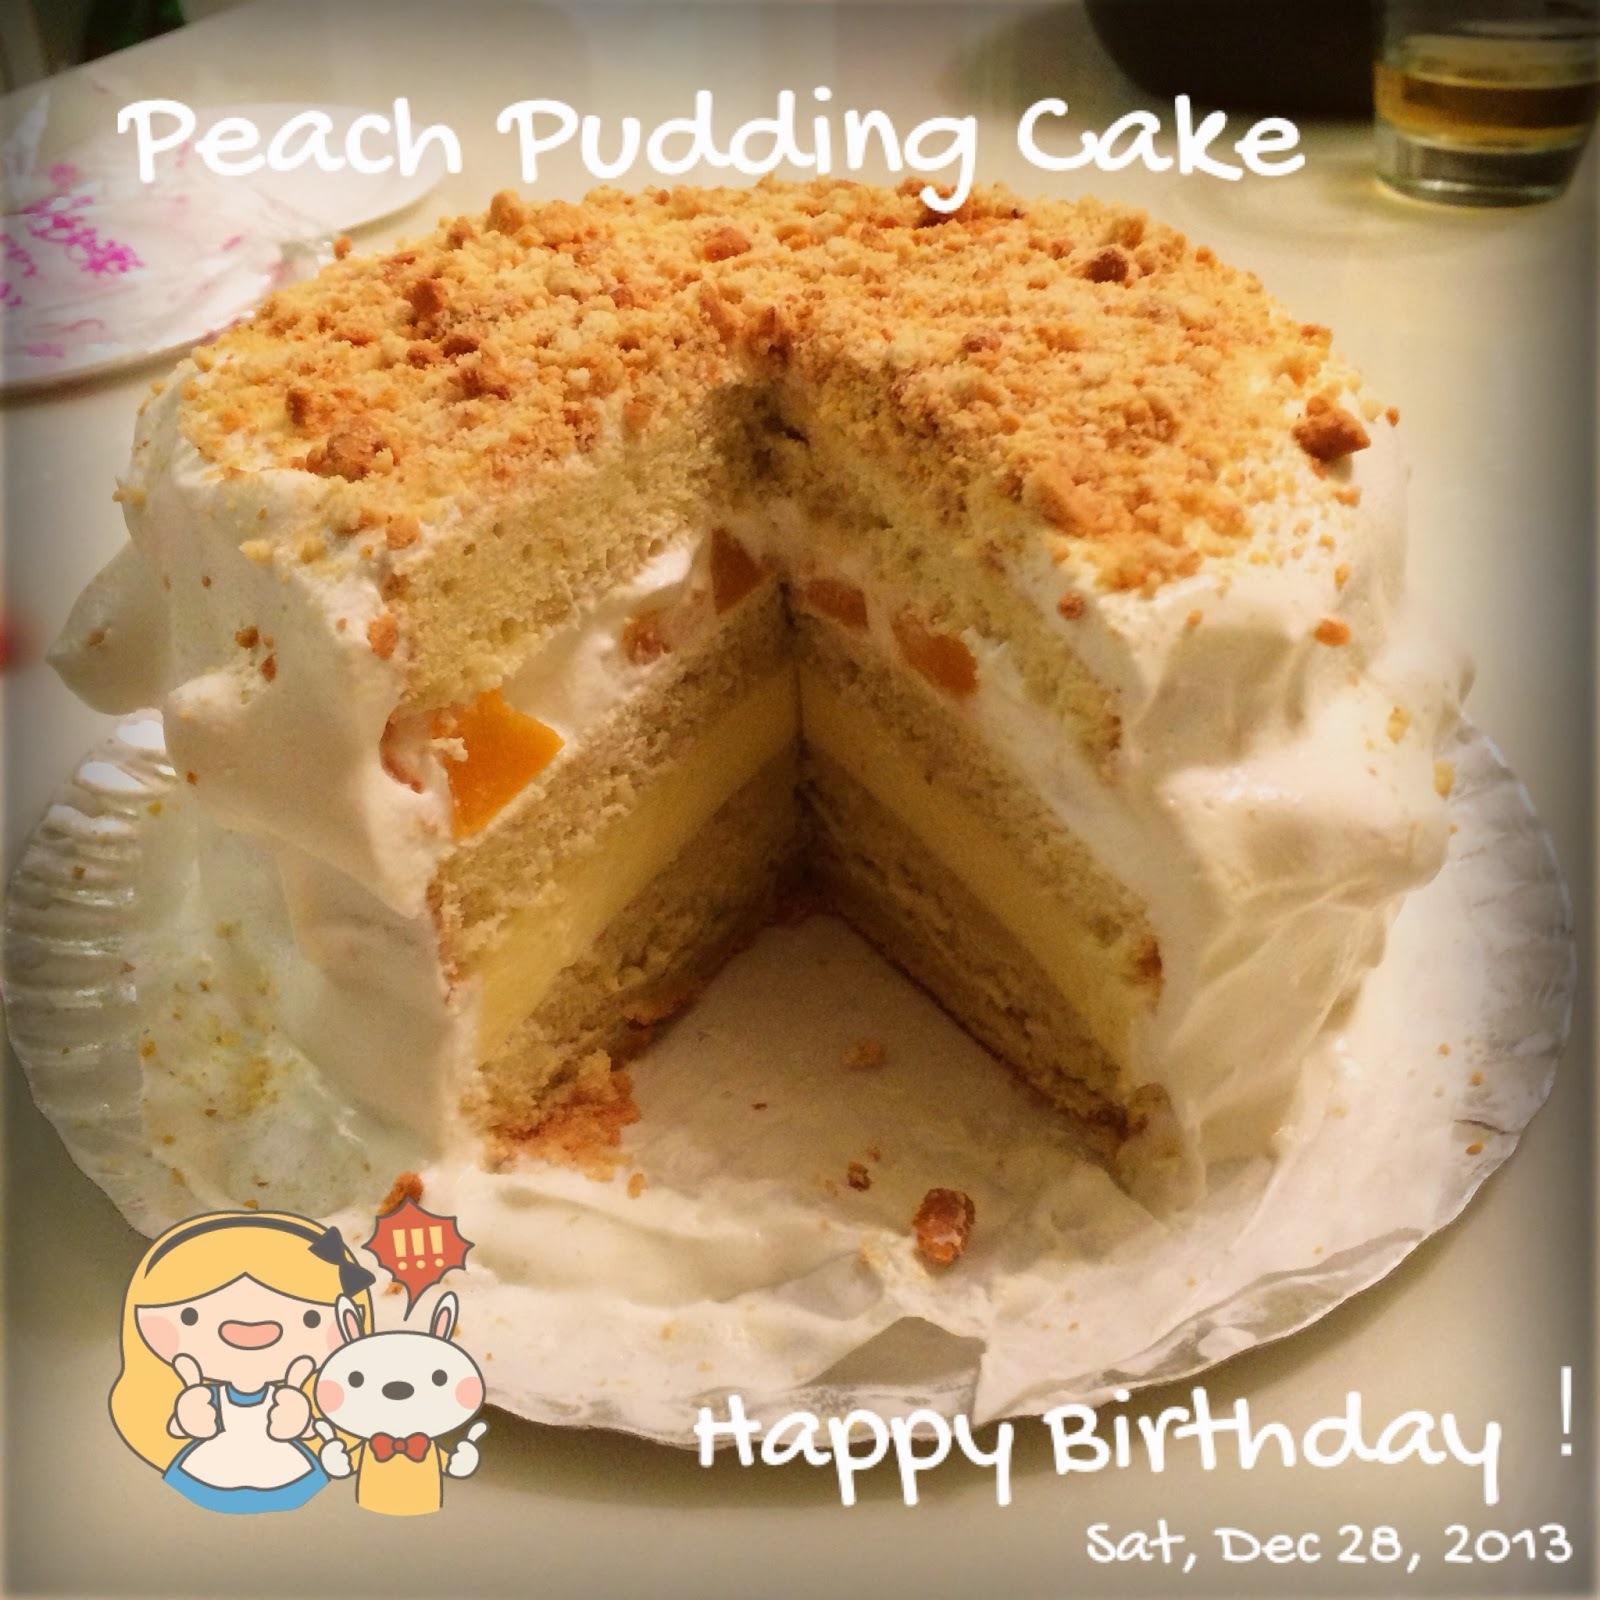 [食譜-蛋糕] 水蜜桃布丁蛋糕 - 第一次嘗試生日蛋糕